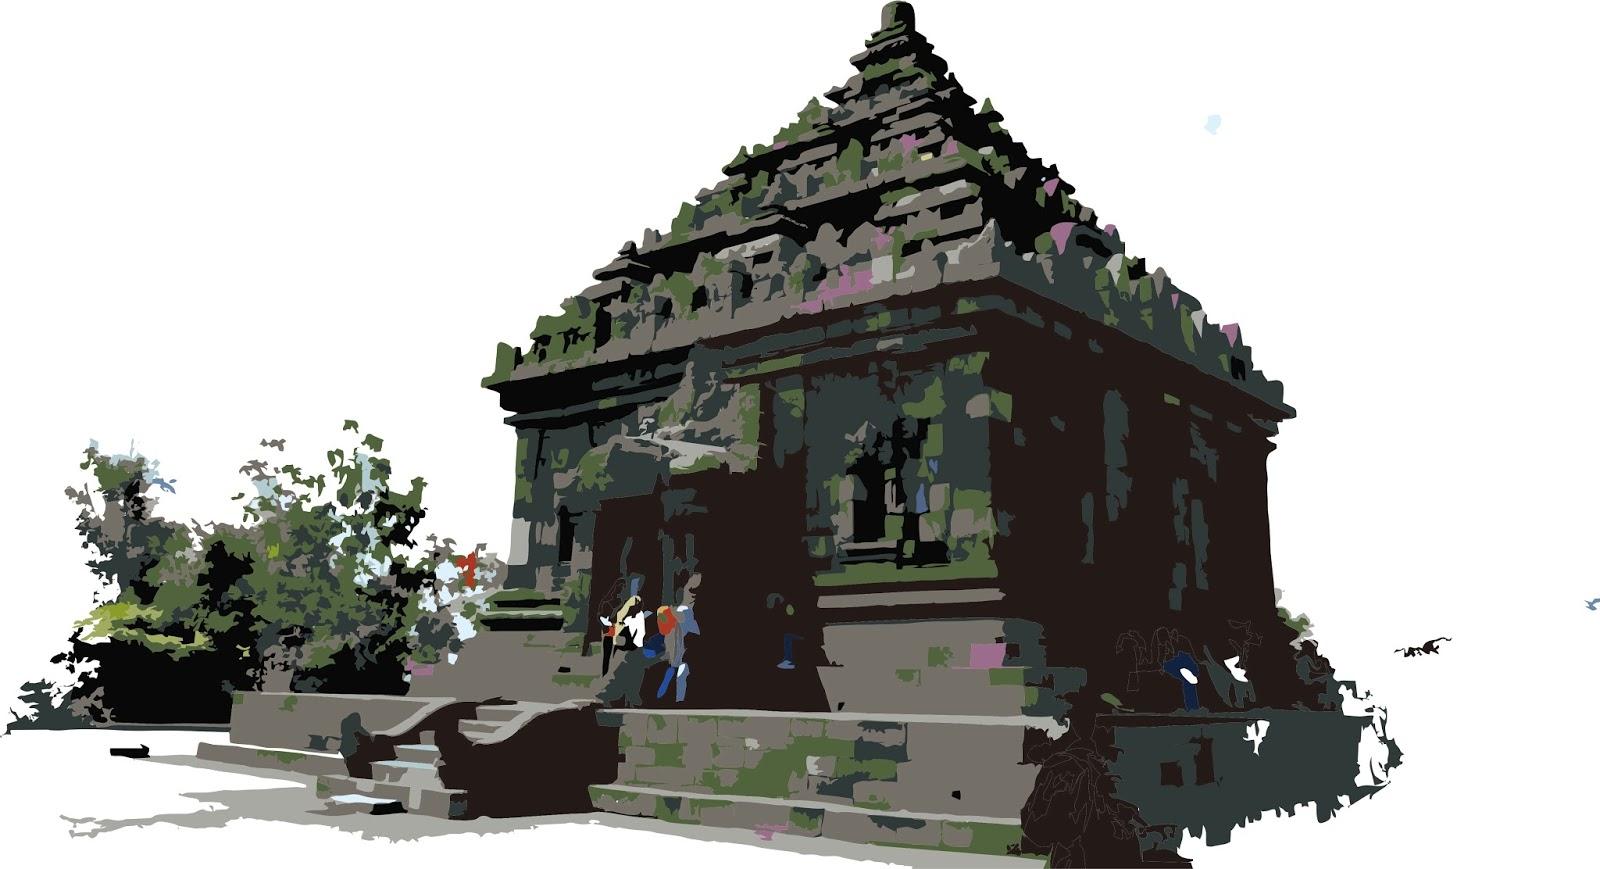 Sejarah Destinasi Wisata Candi Ijo Jogja Idsejarah Net Satu Satunya